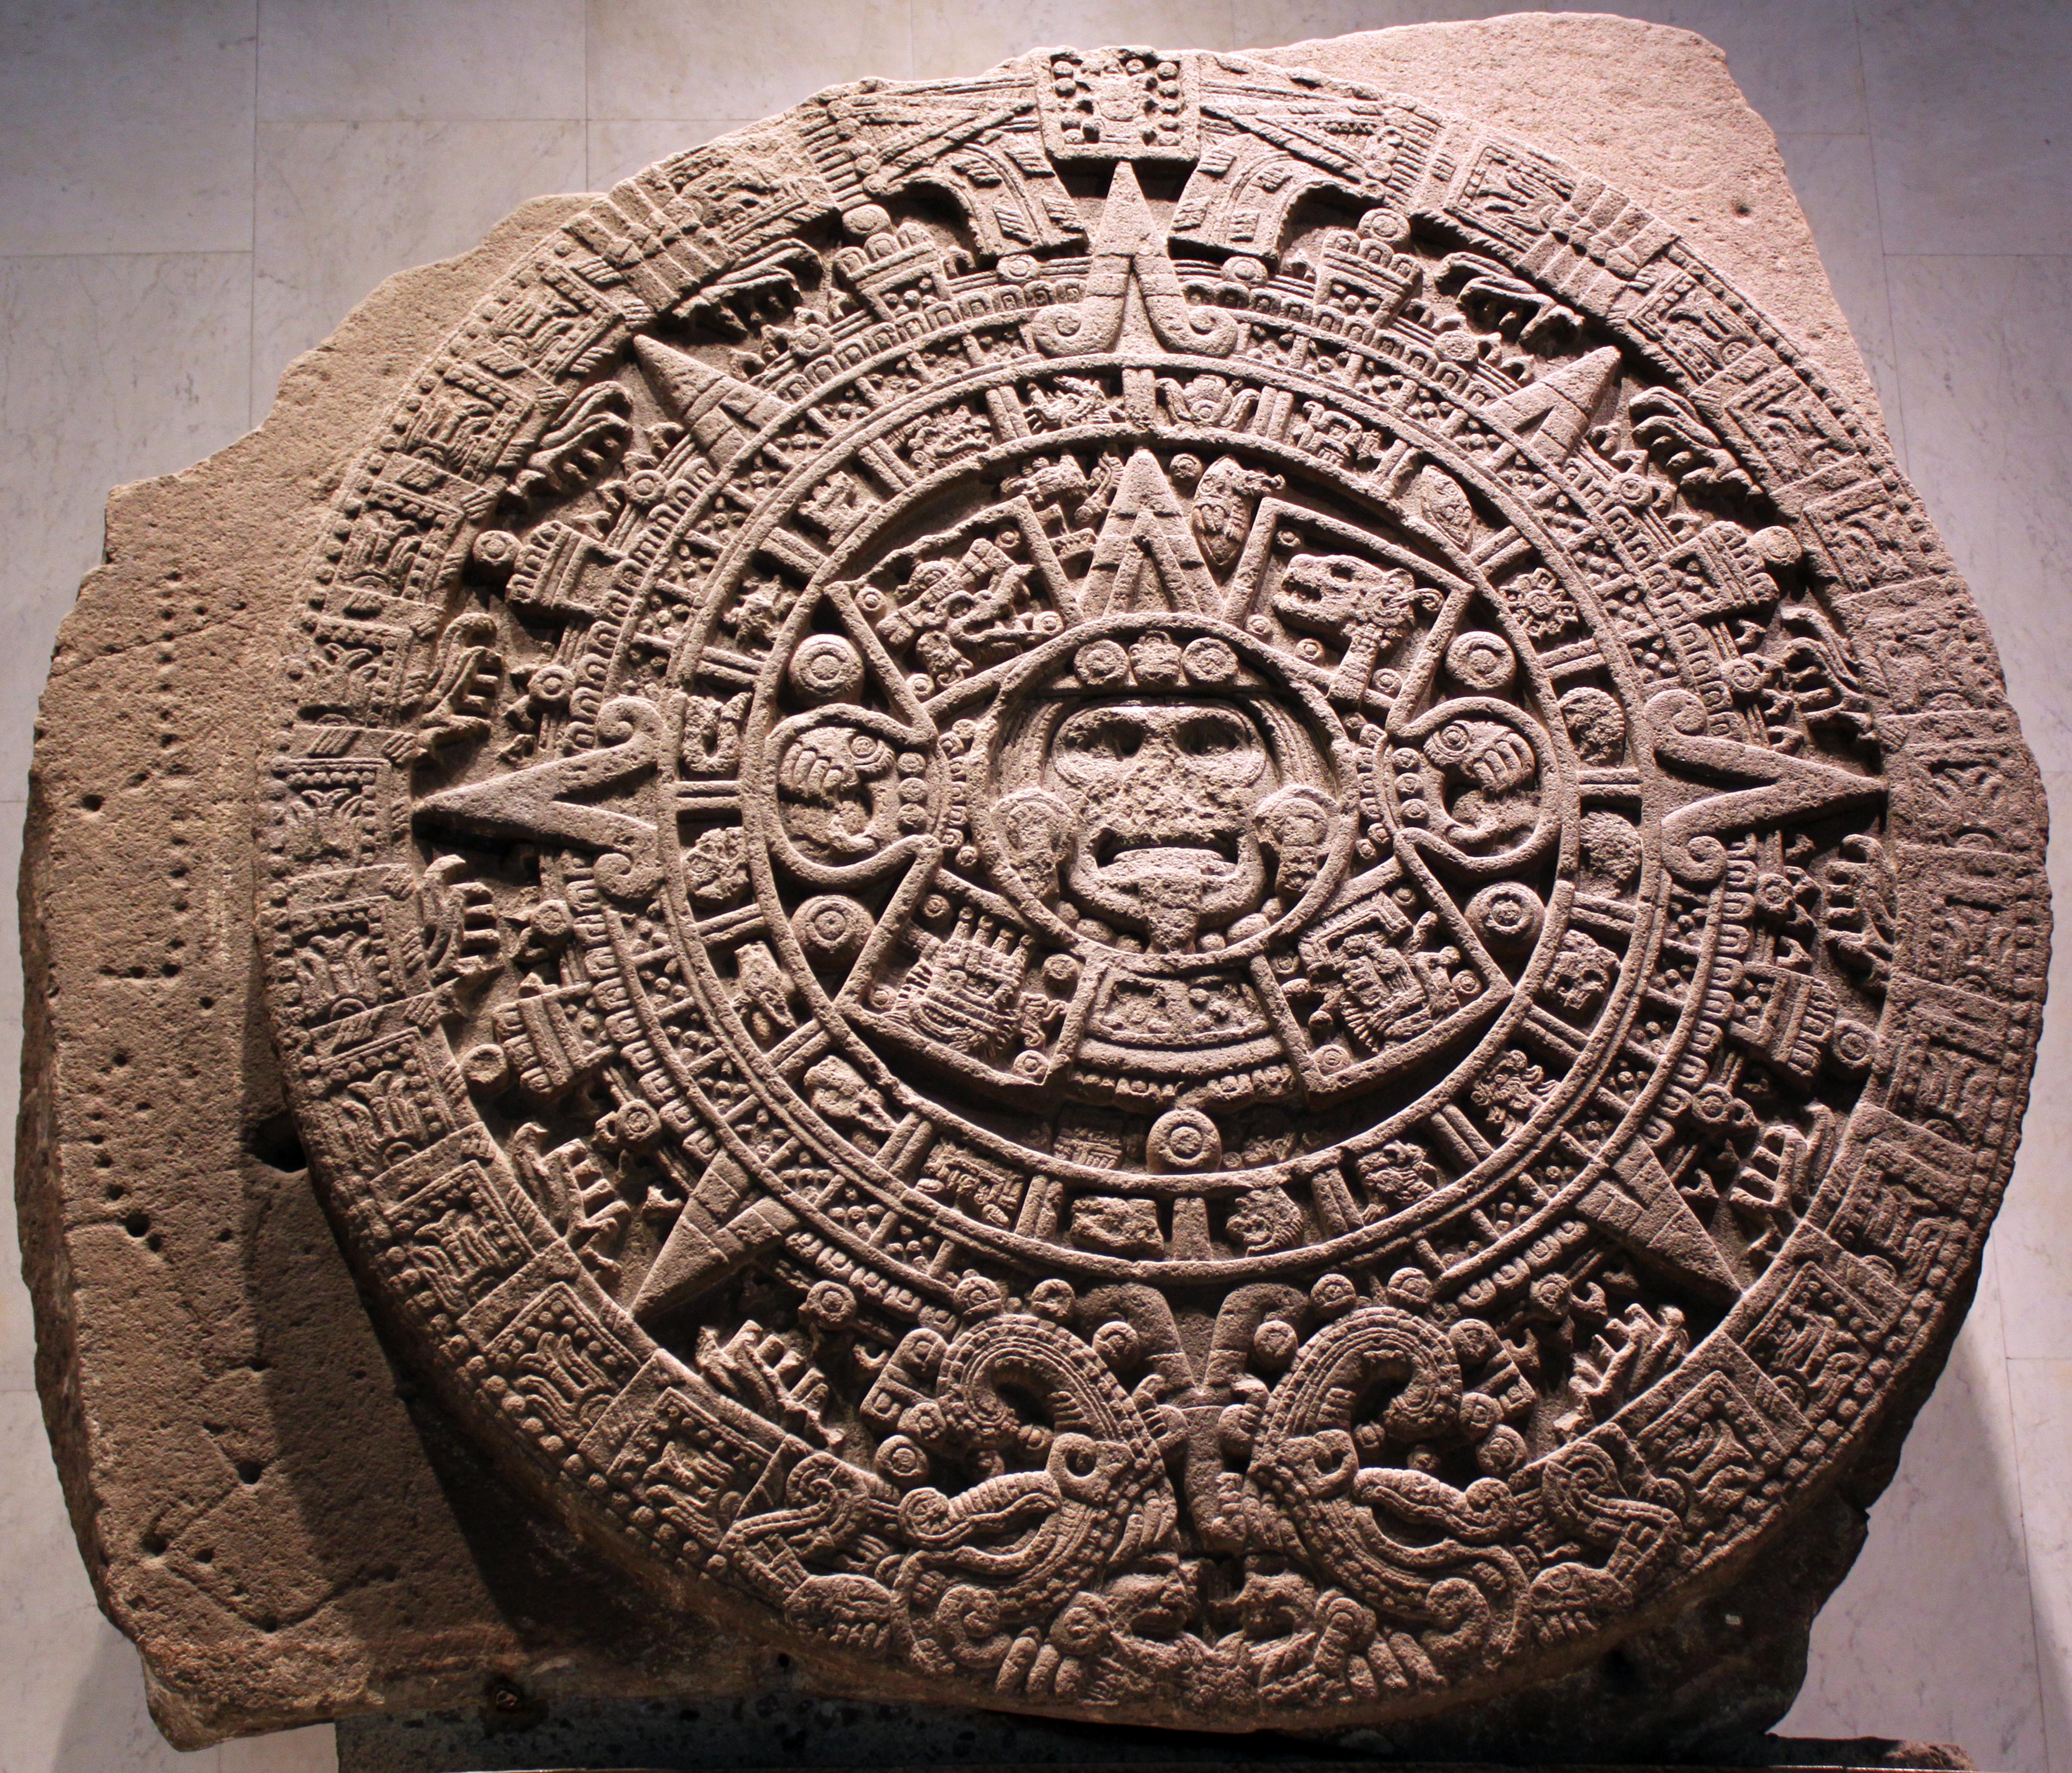 eb1c4d7450e57 Aztec sun stone - Wikipedia